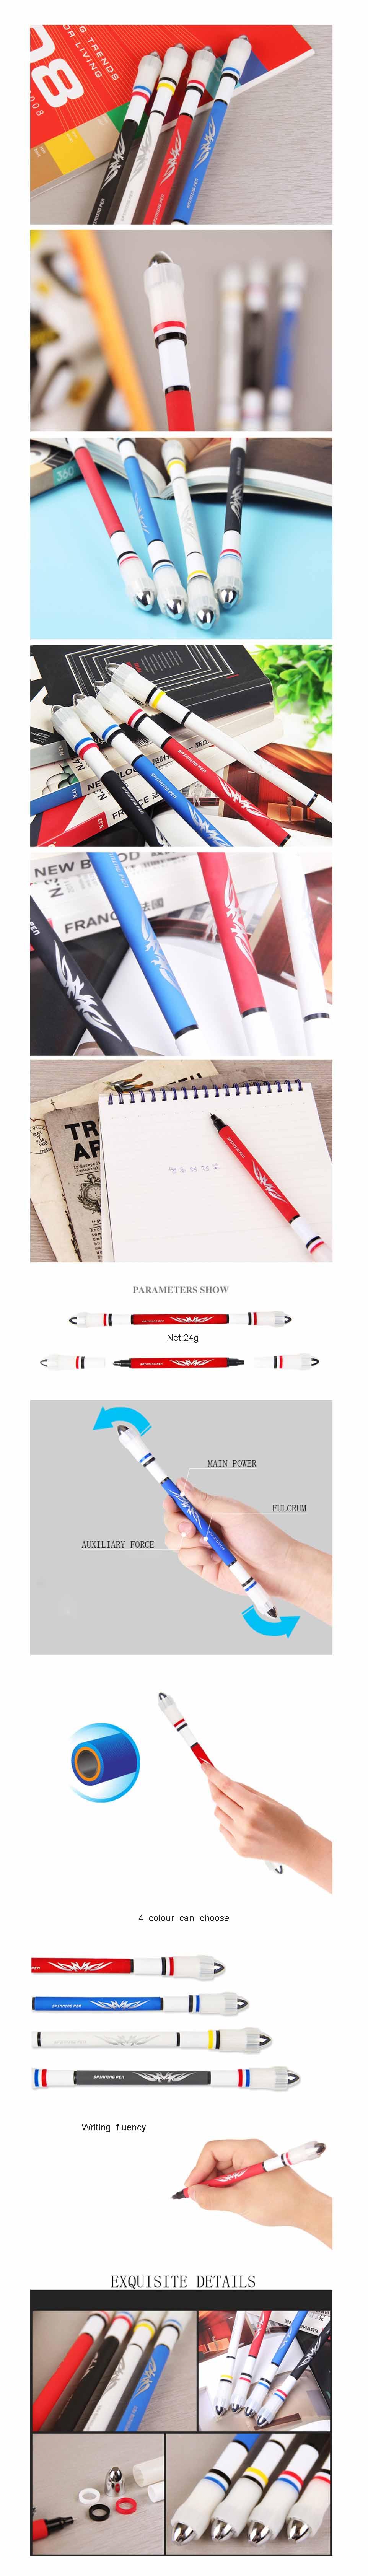 Шариковая ручка Chigo ZG-5096 Ручка Глянцевая версия V11 противоскольжения для офиса и Школа расходных материалов - фото 1